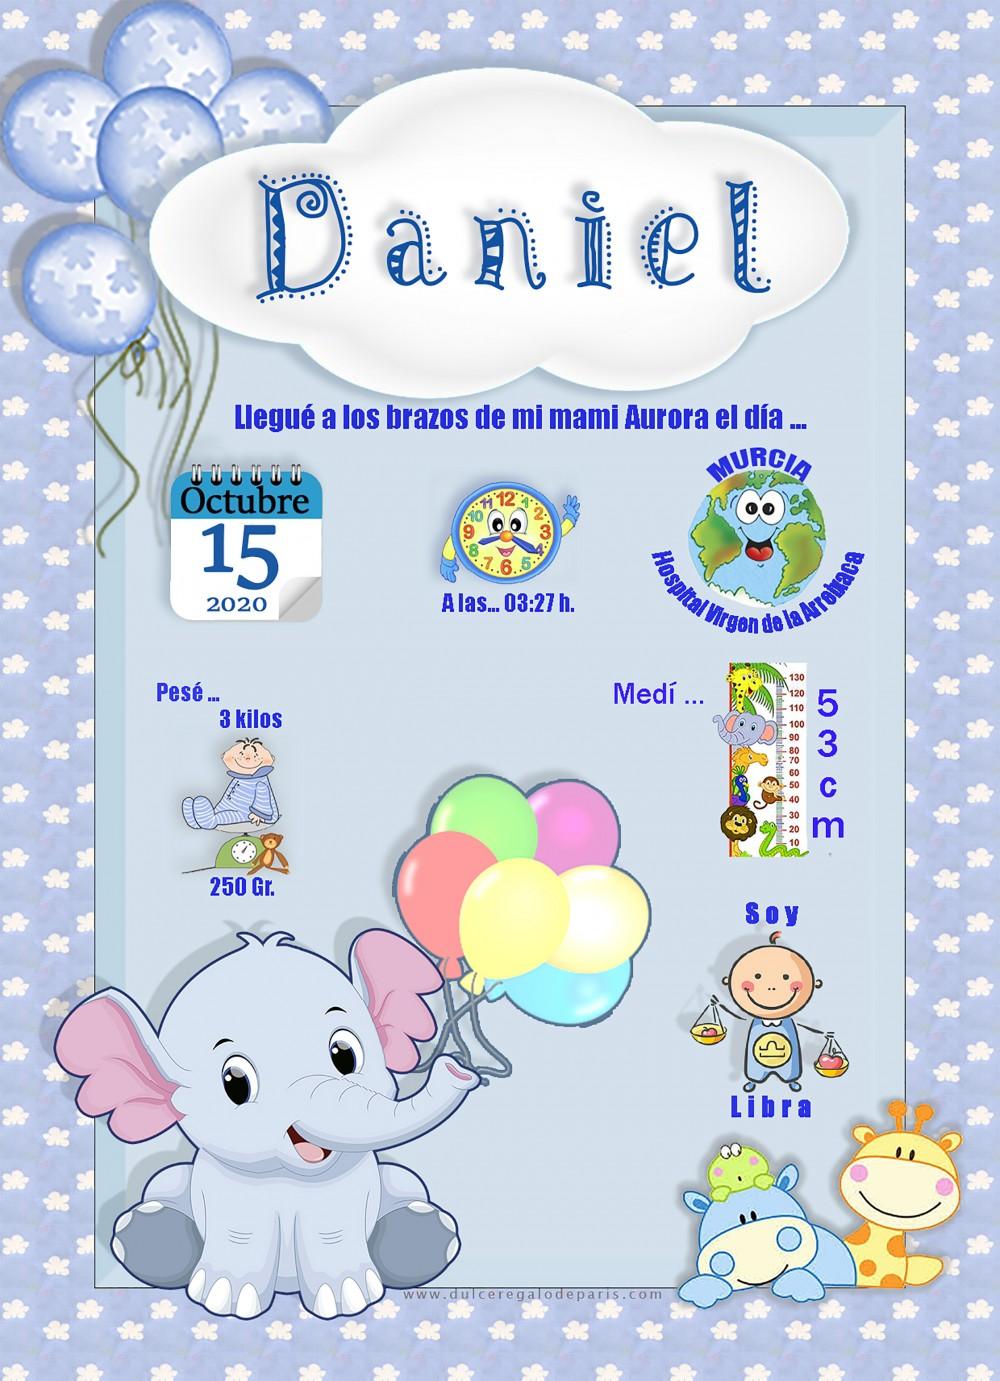 Lamina de nacimiento Daniel Lamina de Nacimiento Daniel.